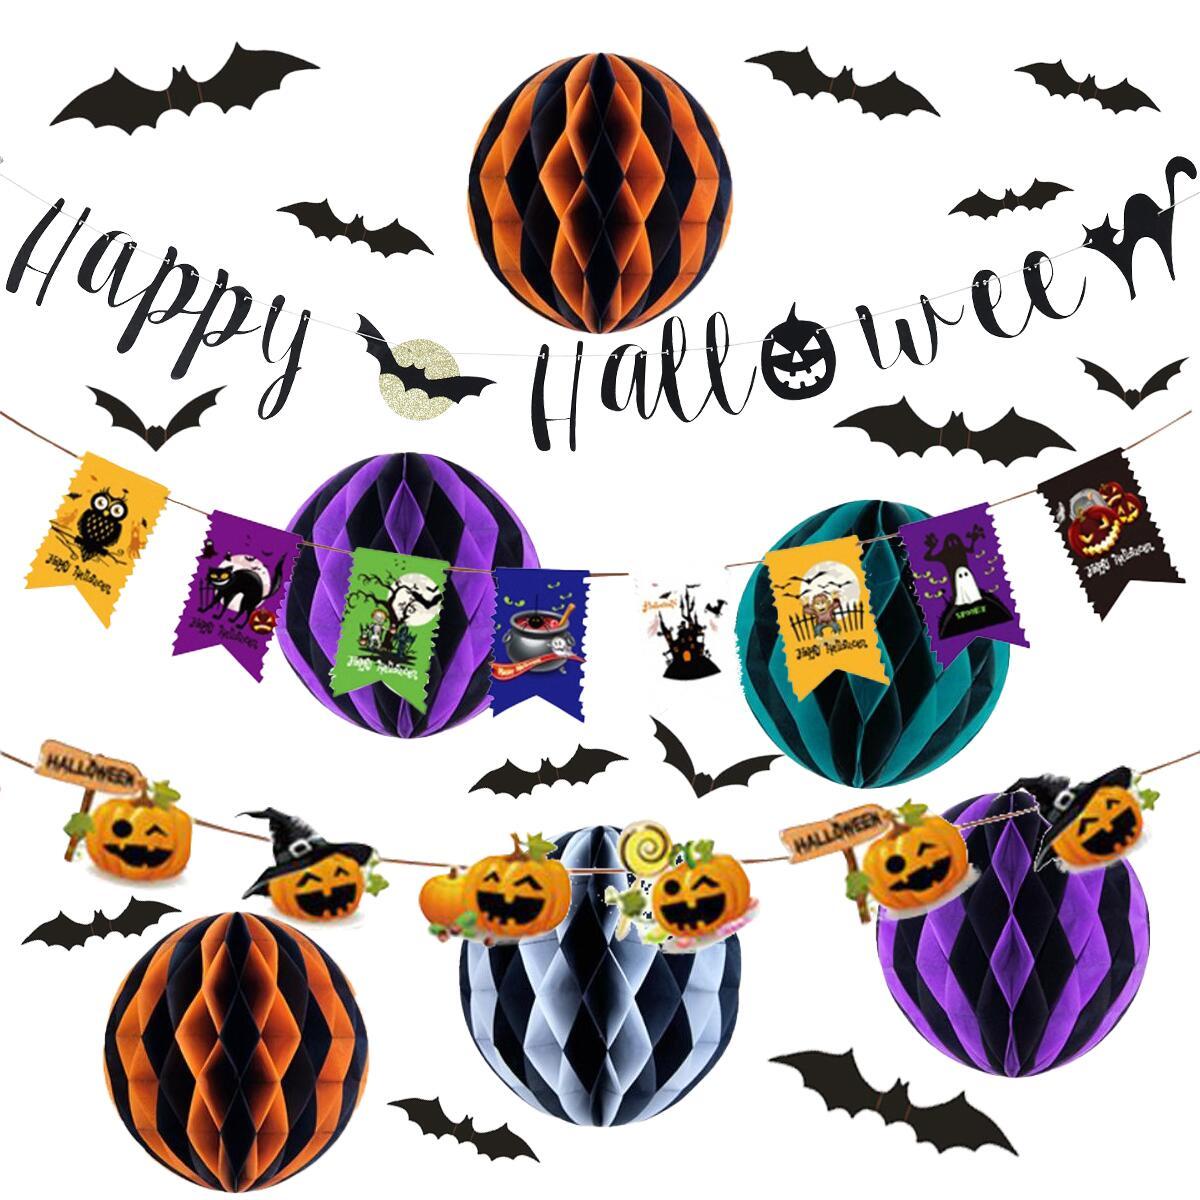 簡単 飾りつけ 永遠の定番モデル ハロウィン 豪華21点 セット ディスプレイ パーティー イベント 飾り ディスプレー ハロウィンパーティーやイベントシーンにお部屋を飾りつけ \ 割引クーポン有り ガーランド 吊り下げ コウモリシール 21点セット ハロウィーン 飾り付け 迅速な対応で商品をお届け致します 装飾 ハニカムボール 壁 オーナメント 豪華 Halloween